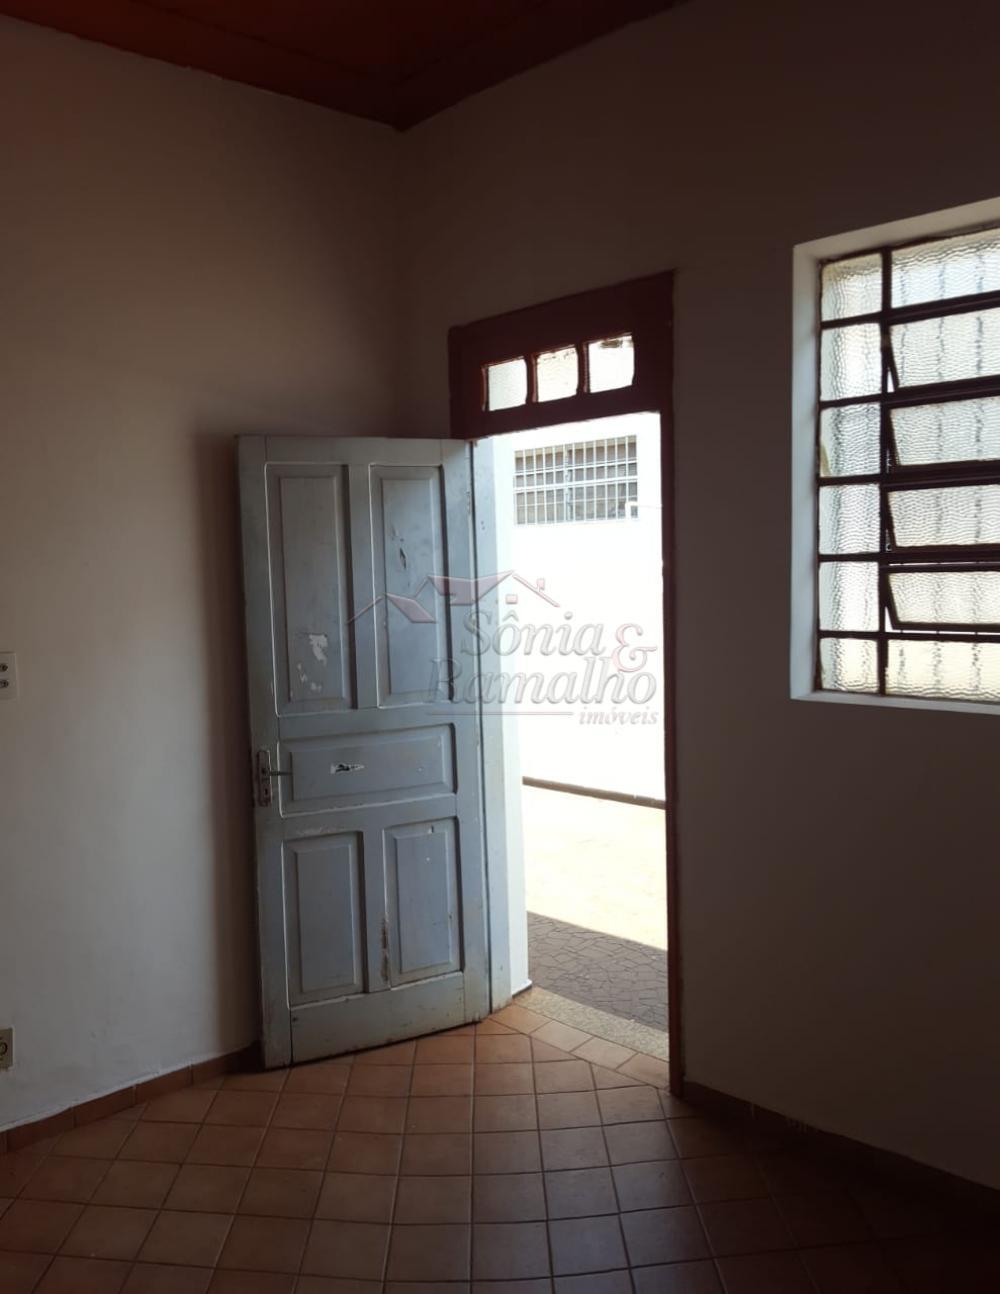 Alugar Comercial / Salão comercial em Ribeirão Preto apenas R$ 3.000,00 - Foto 22